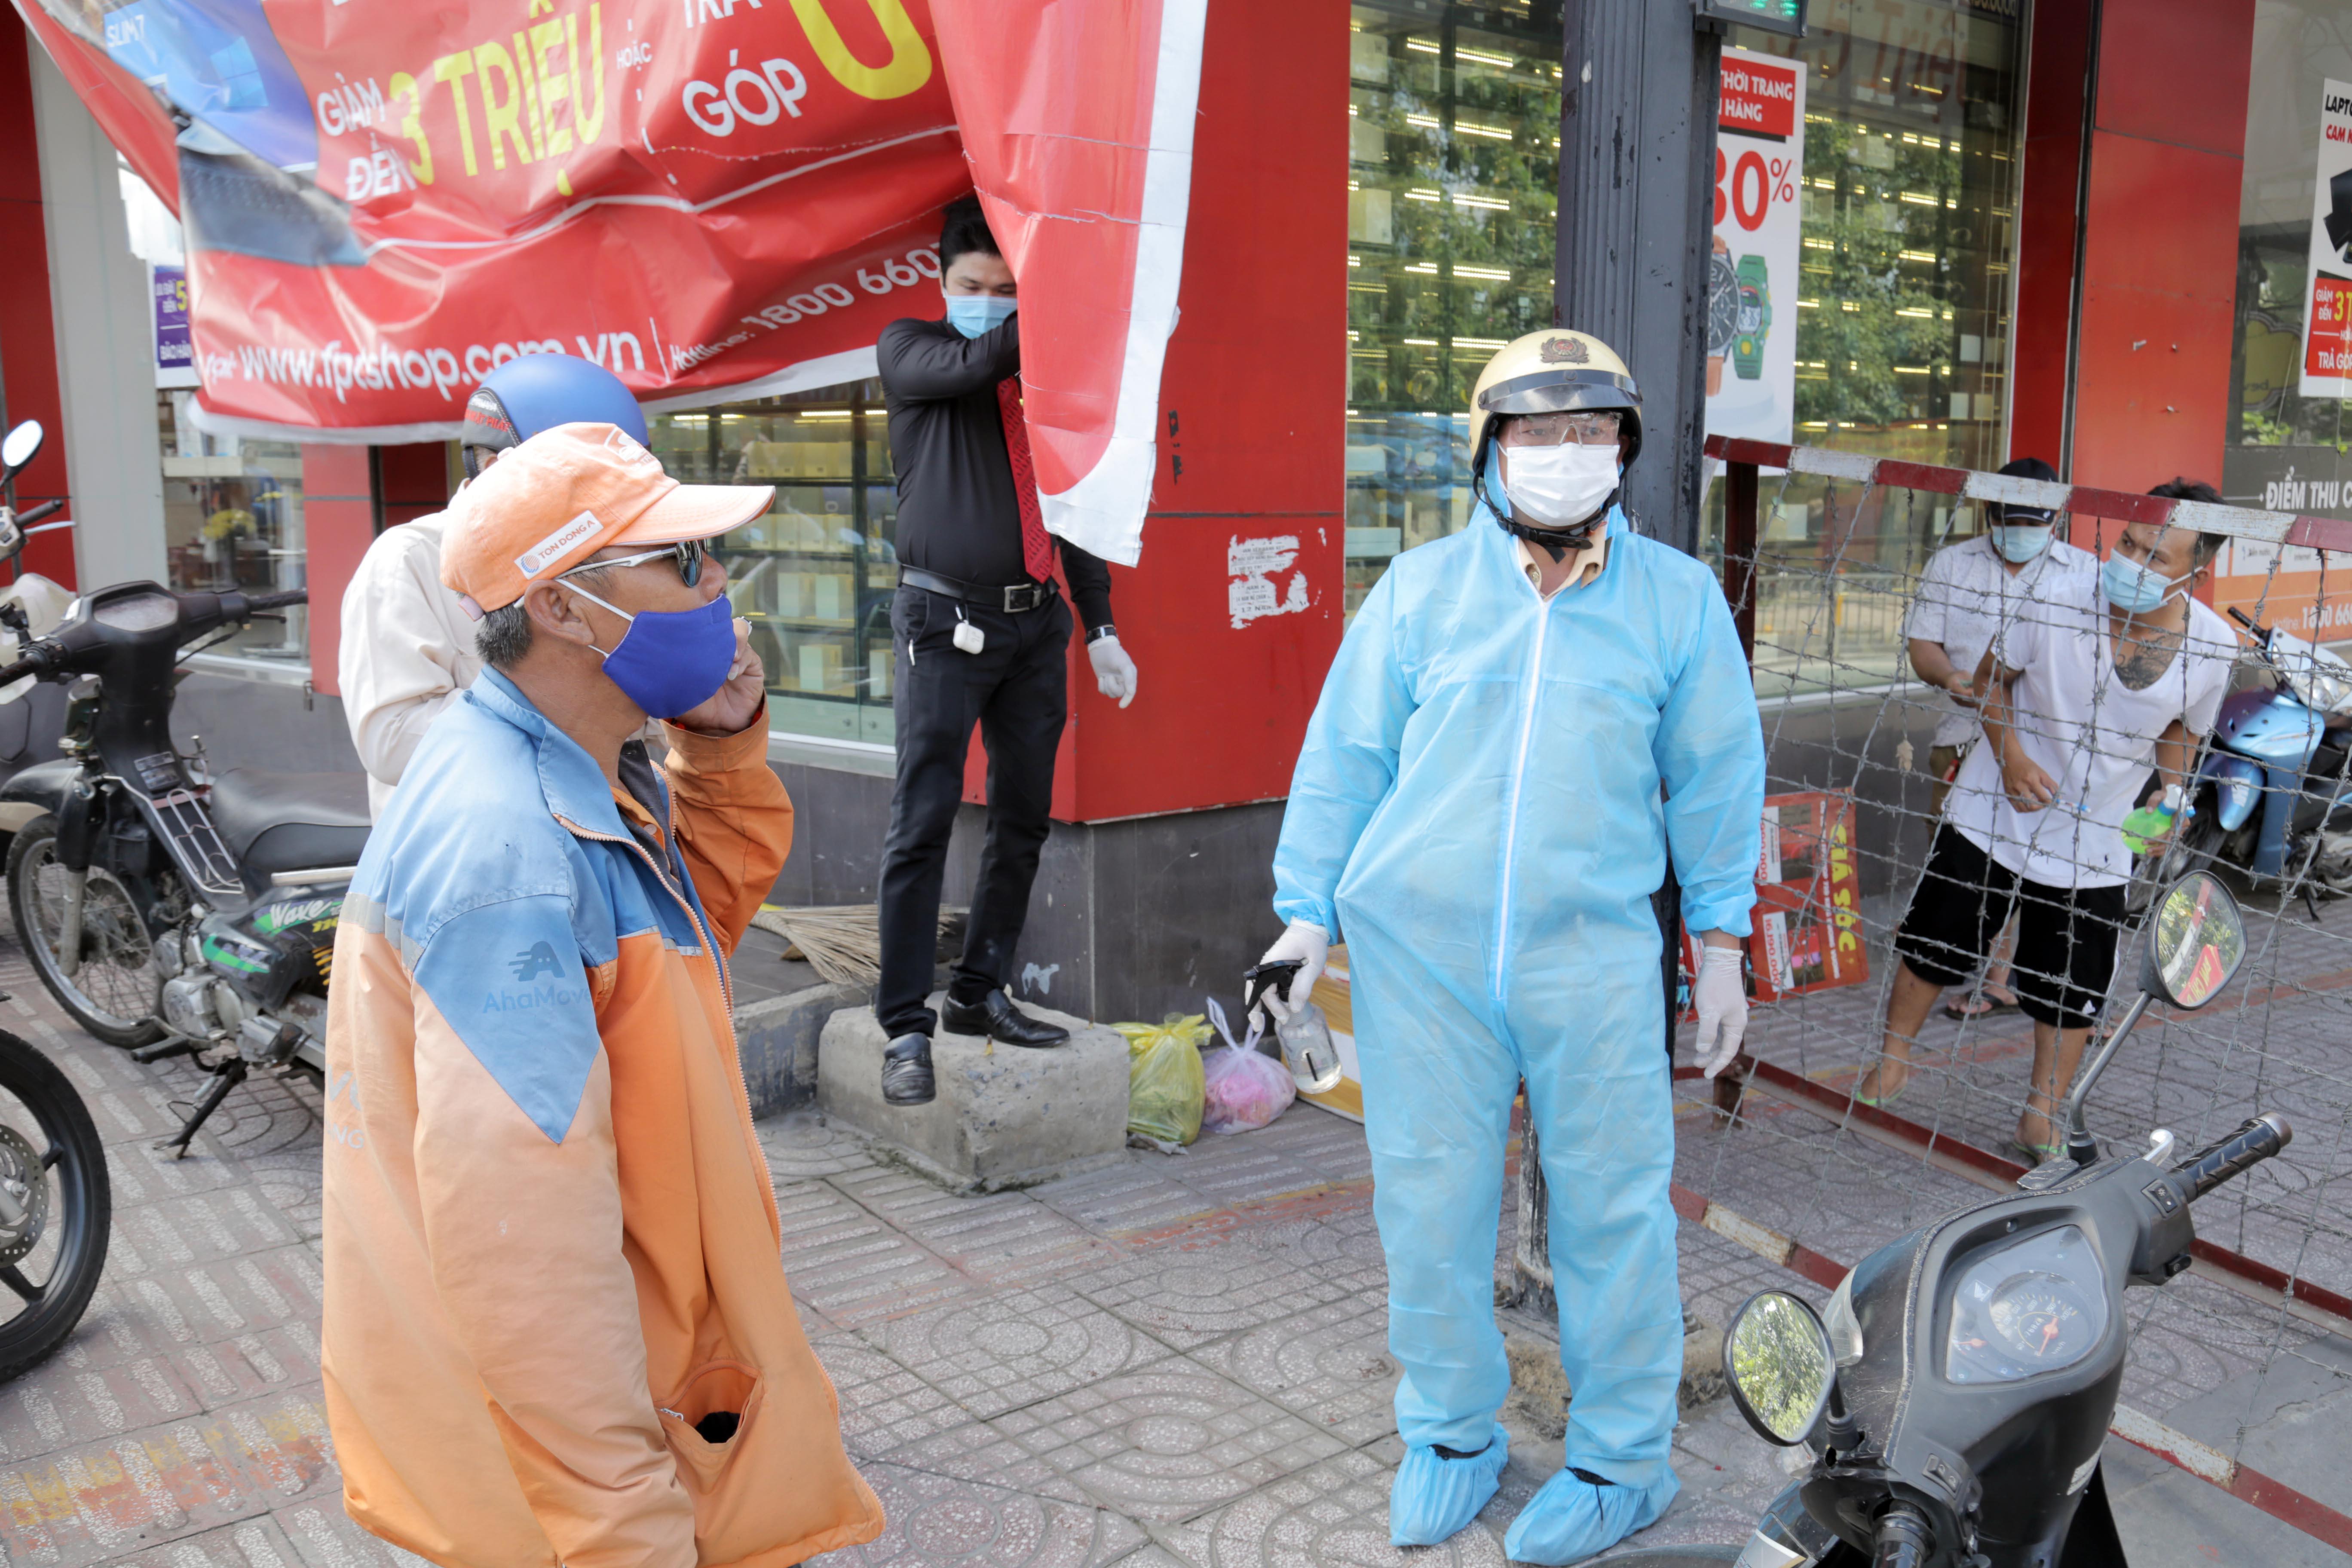 """Toàn cảnh phong tỏa """"nội bất xuất, ngoại bất nhập"""" tại 3 khu phố ở Bình Tân - 3"""